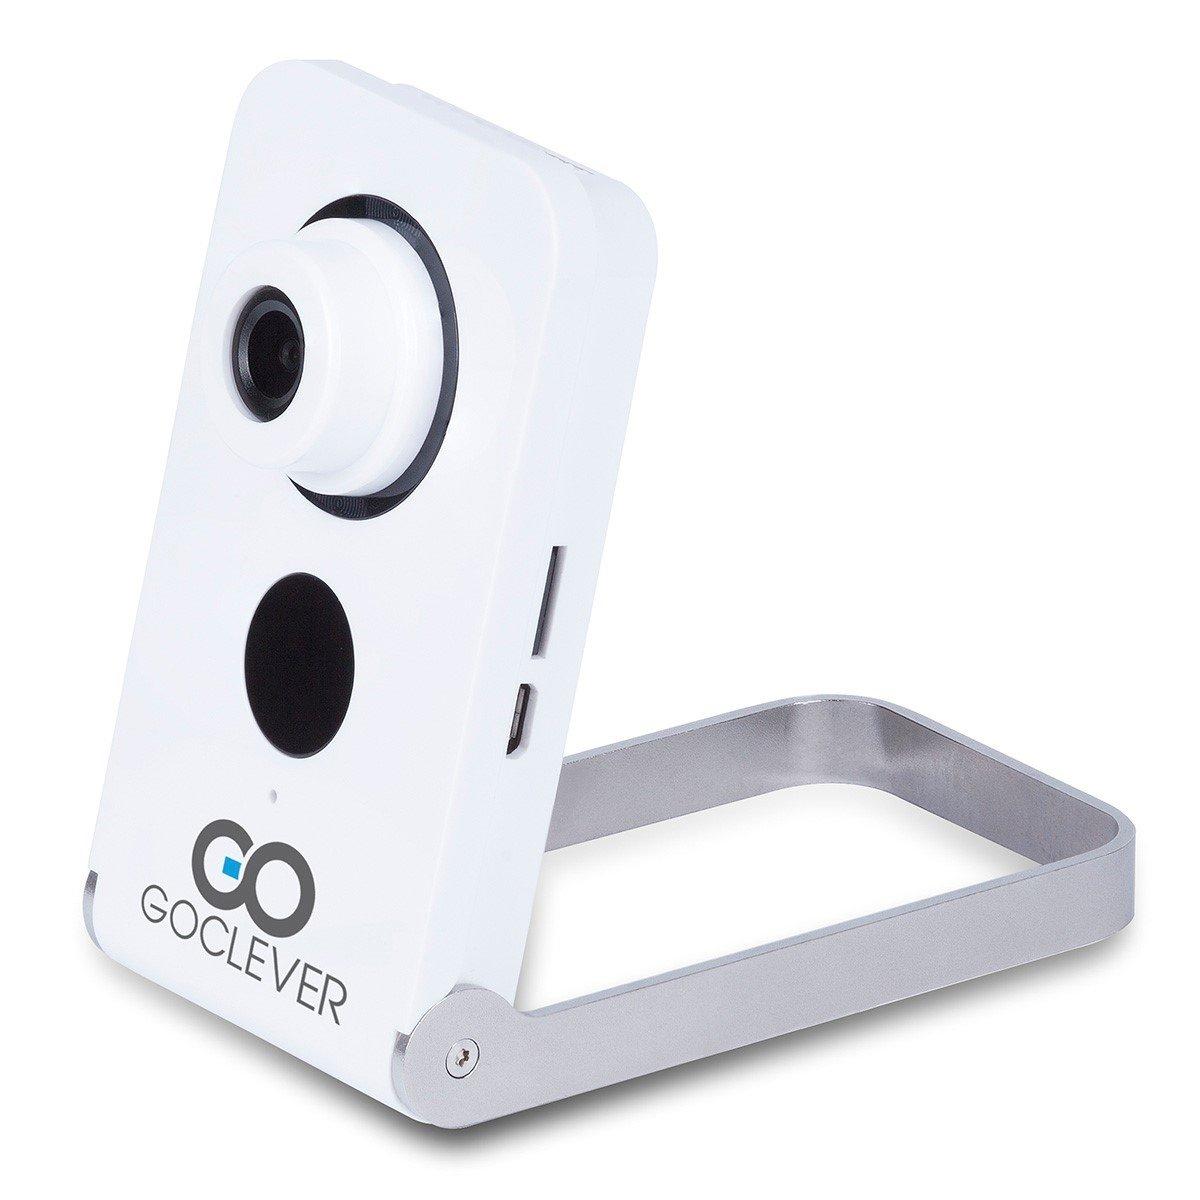 GoClever Nany Eye 2